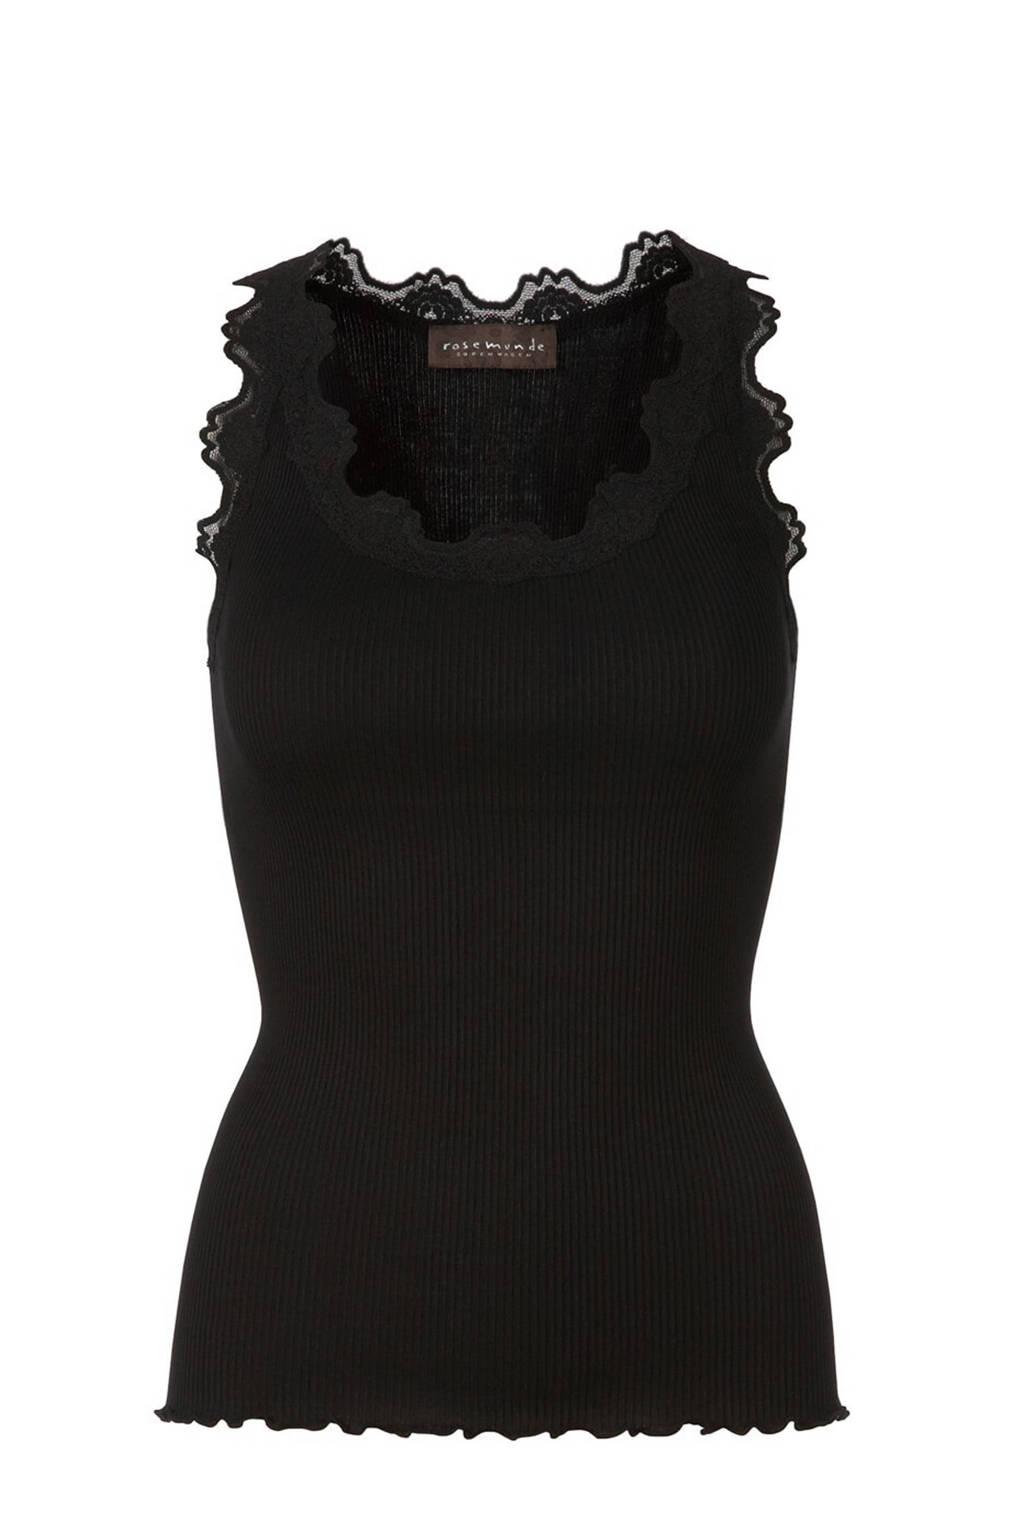 Rosemunde ribgebreide singlet met zijde zwart, Zwart